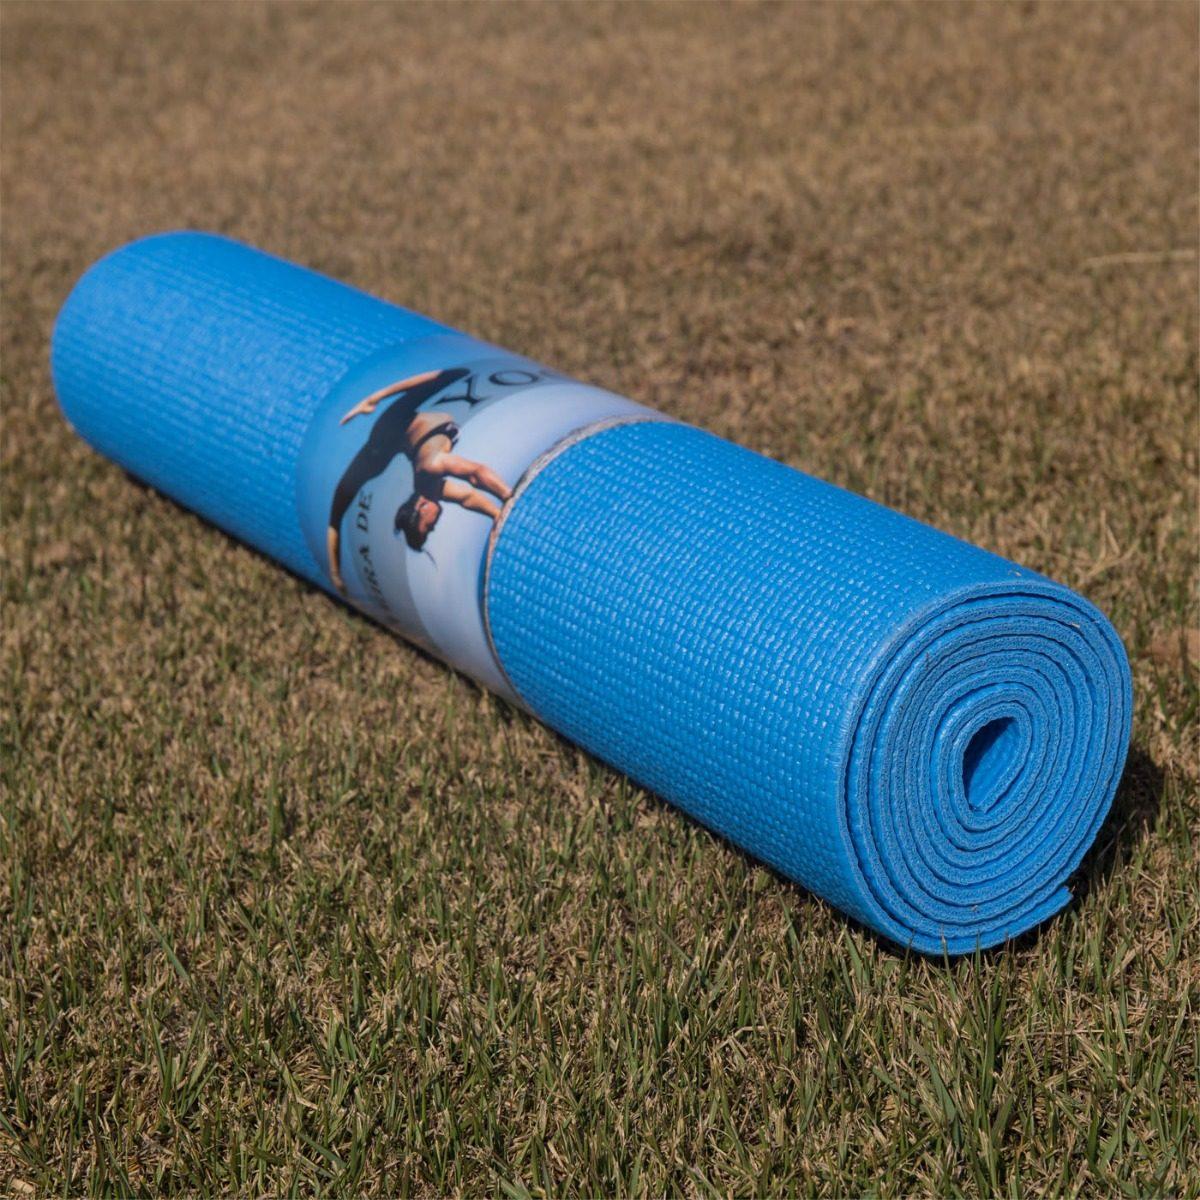 colchonete esteira tapete yoga mat azul pilates pvc +1 bolsa. Carregando  zoom. 5d2bfb3233ce